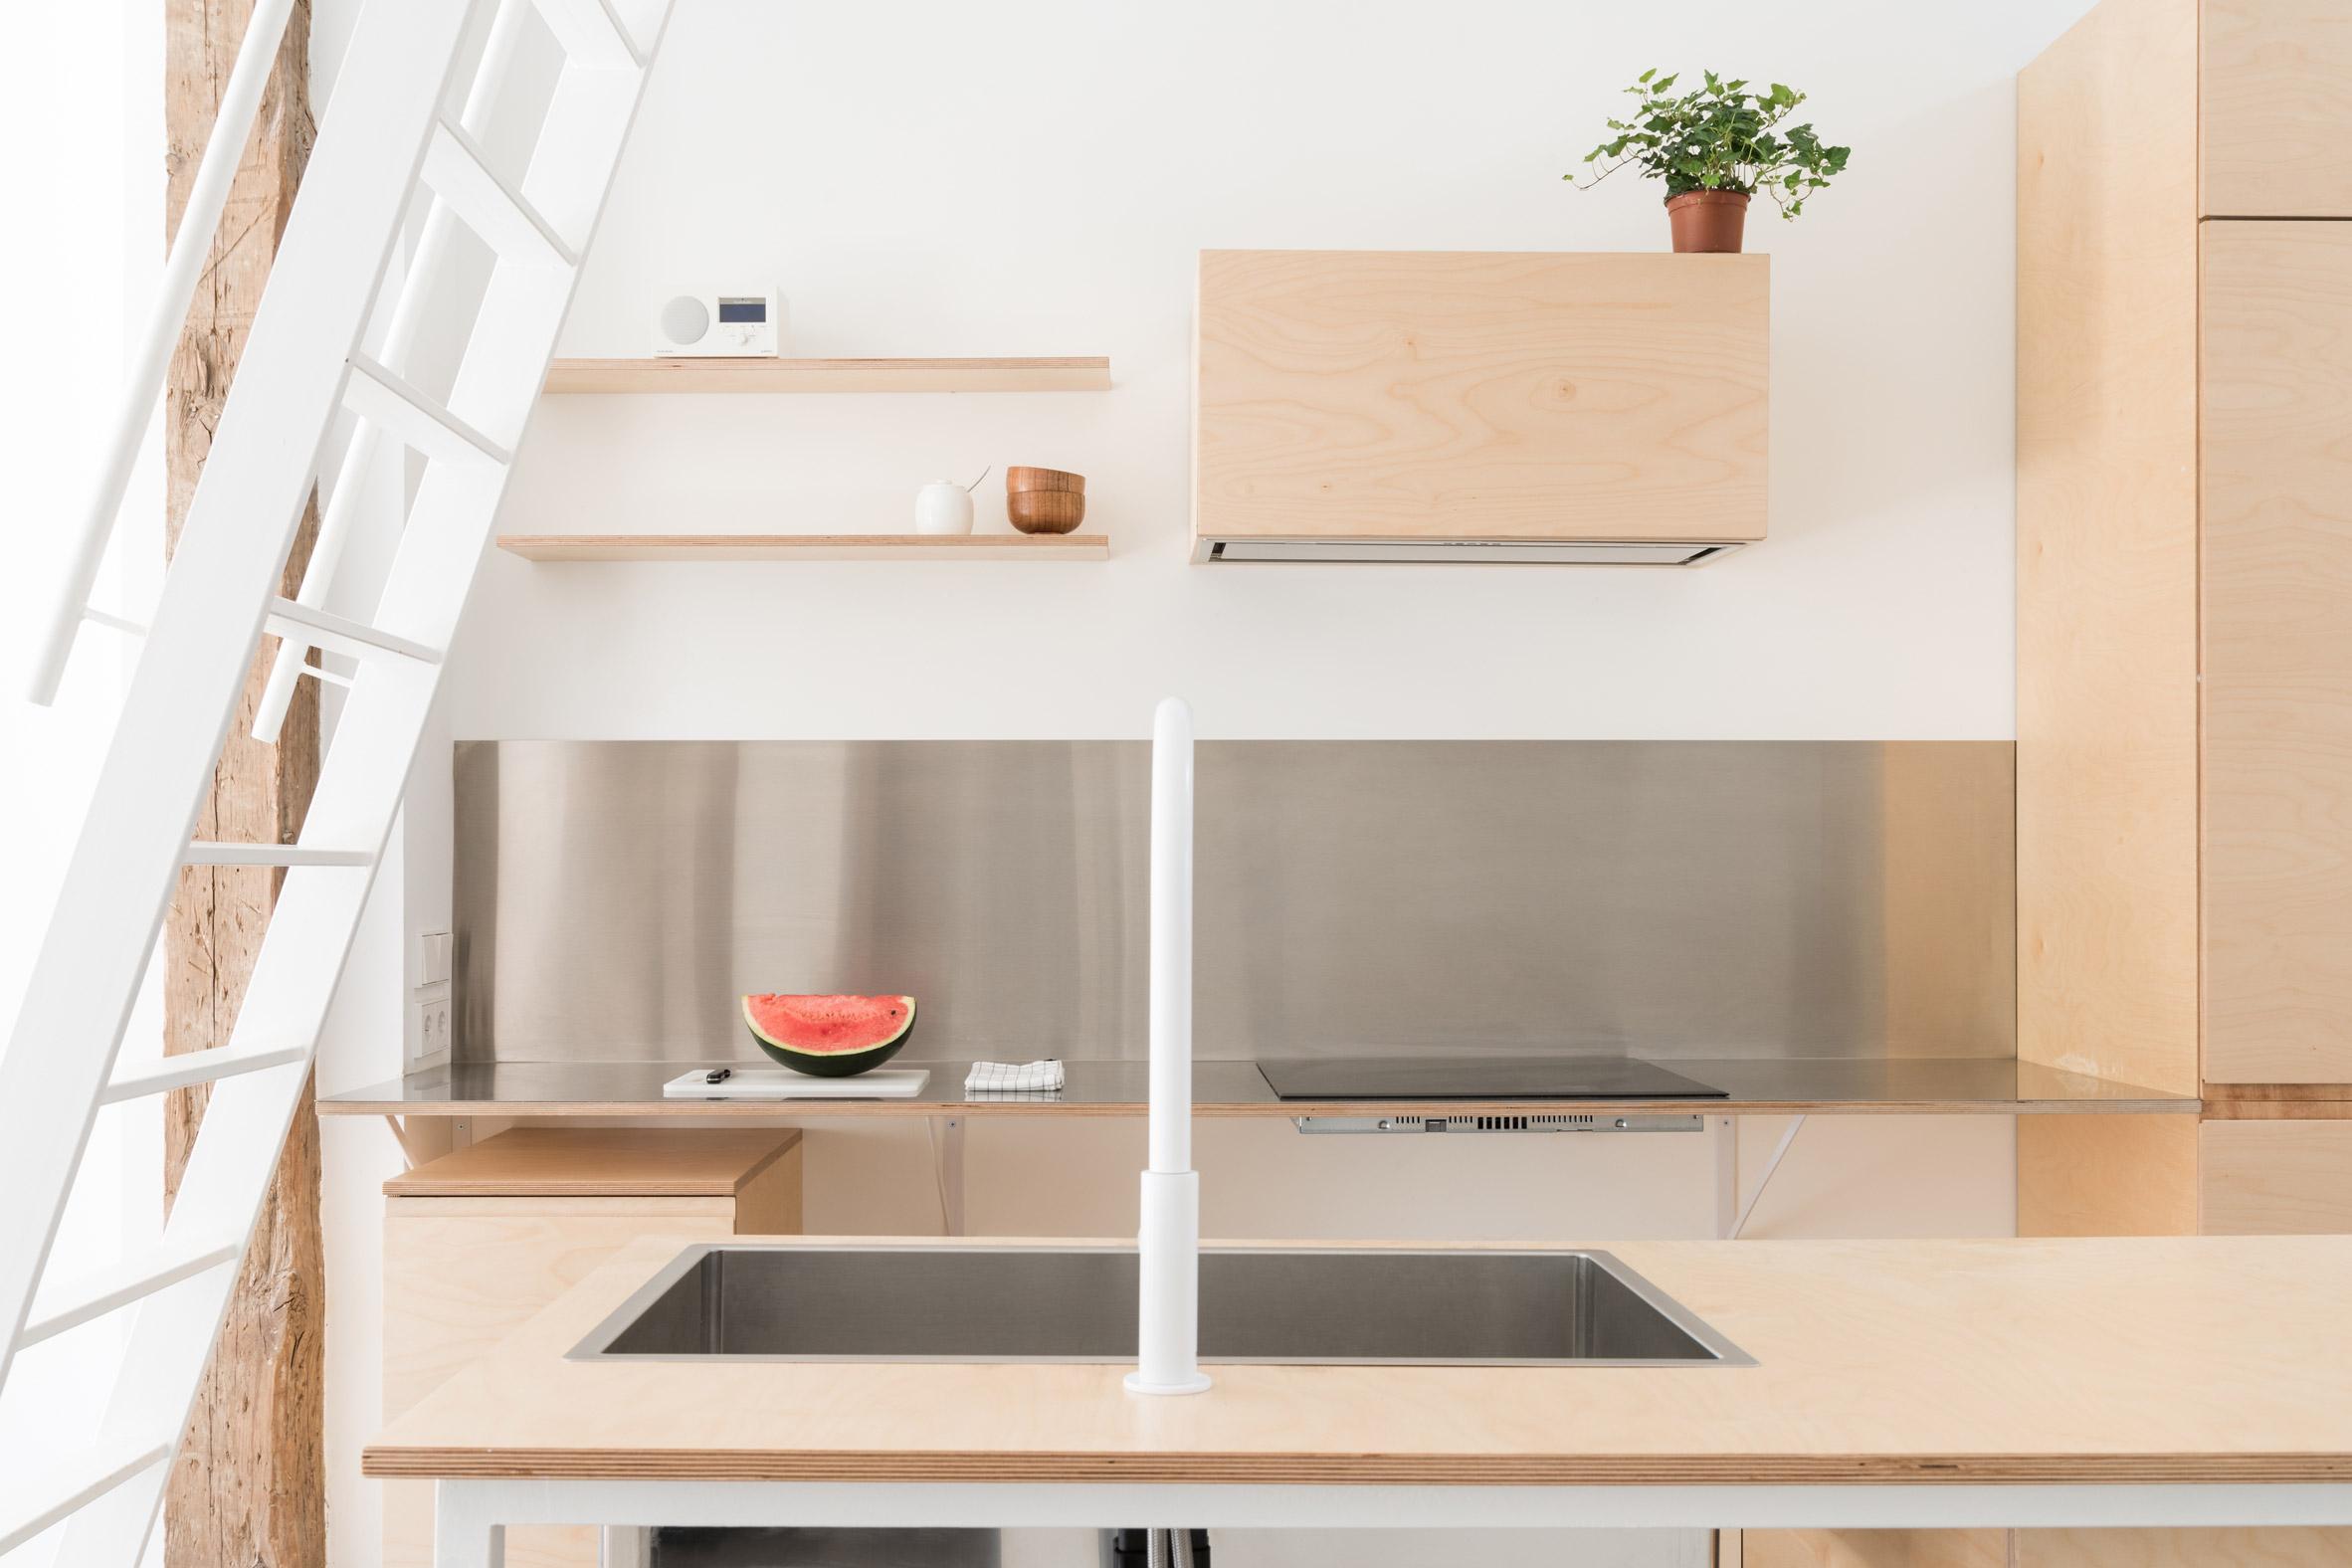 Thiết kế phòng khách chung cư đơn giản 14